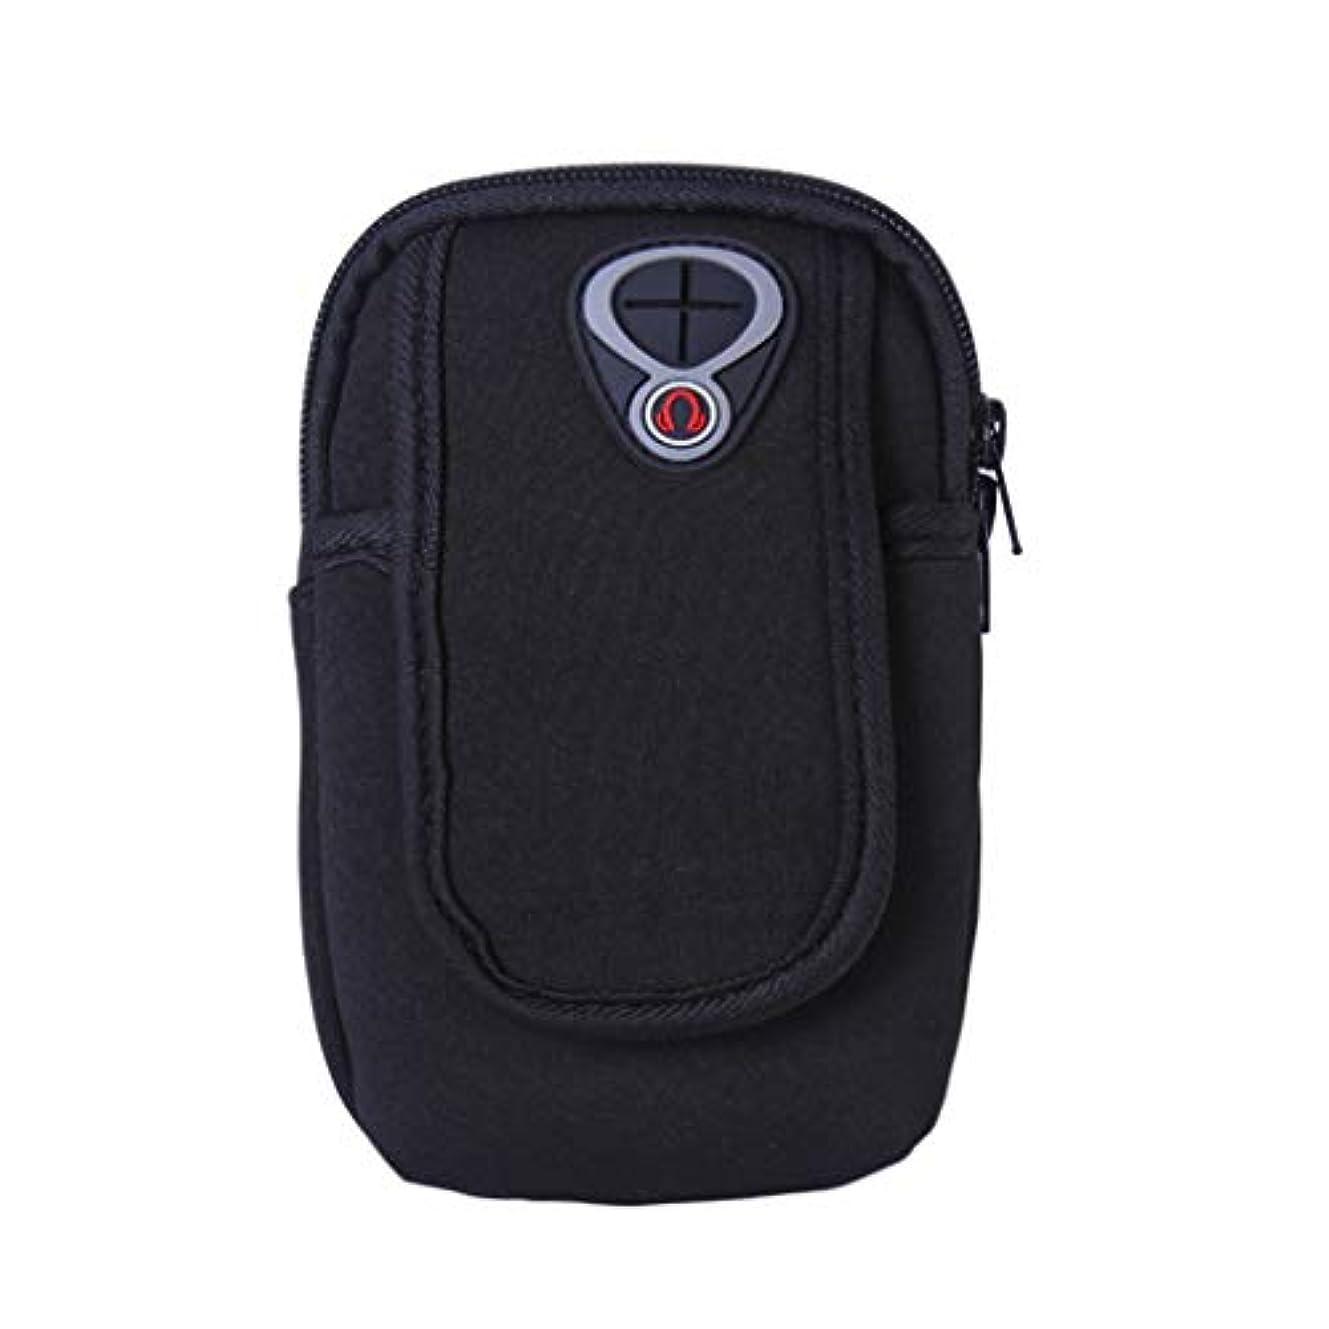 ビール一貫したより多いスマートフォンホルダー 携帯ケース YOKINO 通気性抜群 小物収納 防水防汗 軽量 縫い目なし 調節可能 男女共用